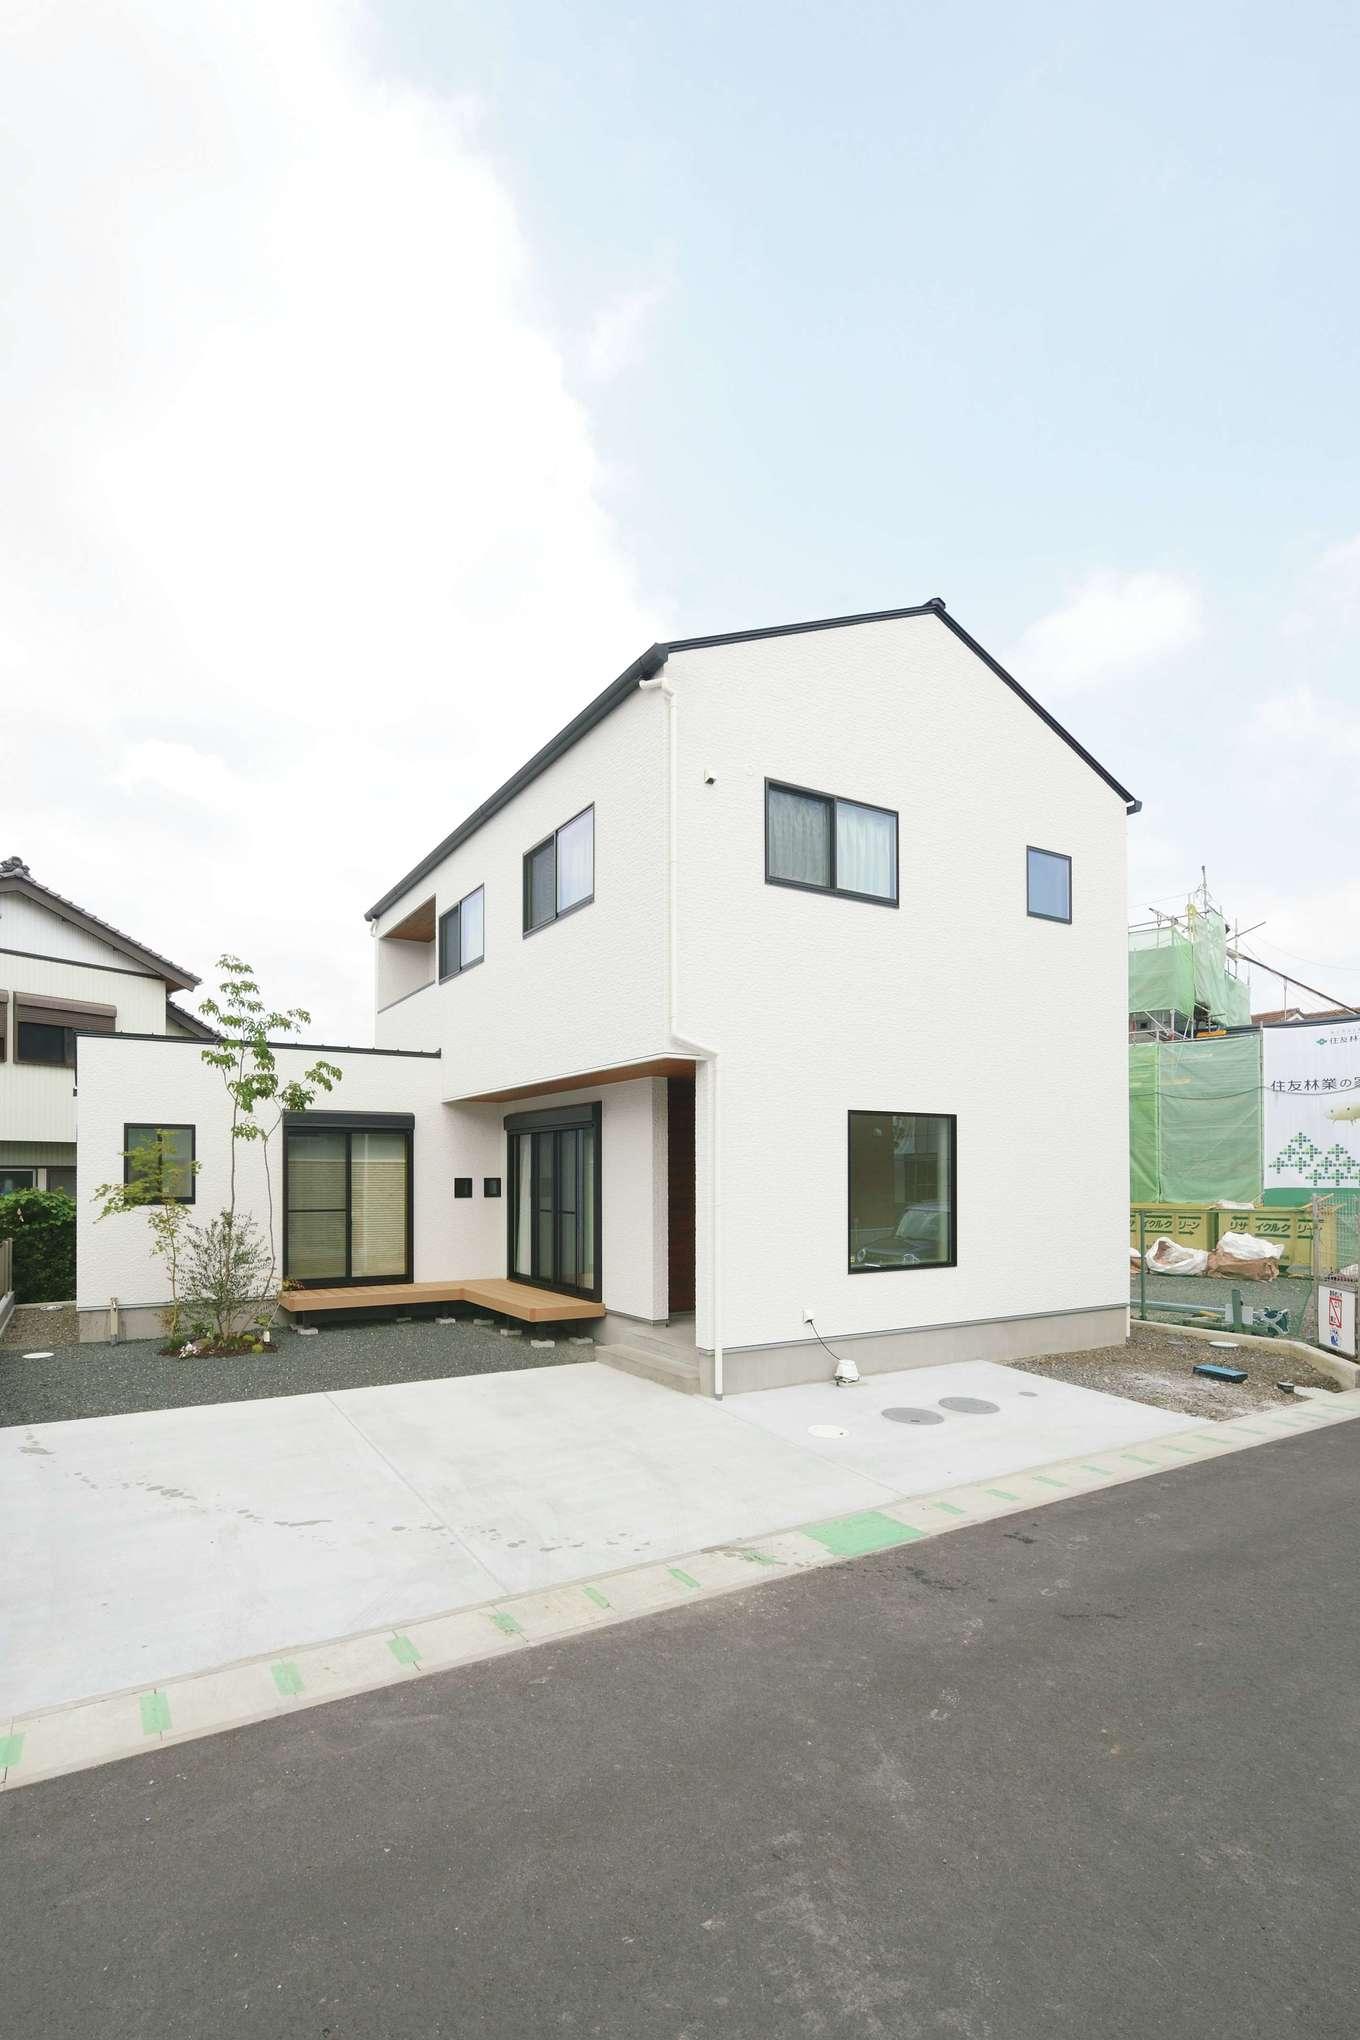 小玉建設【デザイン住宅、自然素材、間取り】外観も白を基調に。リビングと和室からはデッキへと続く。子どもがもう少し大きくなったら、バーベキューやプール遊びをするのが楽しみ